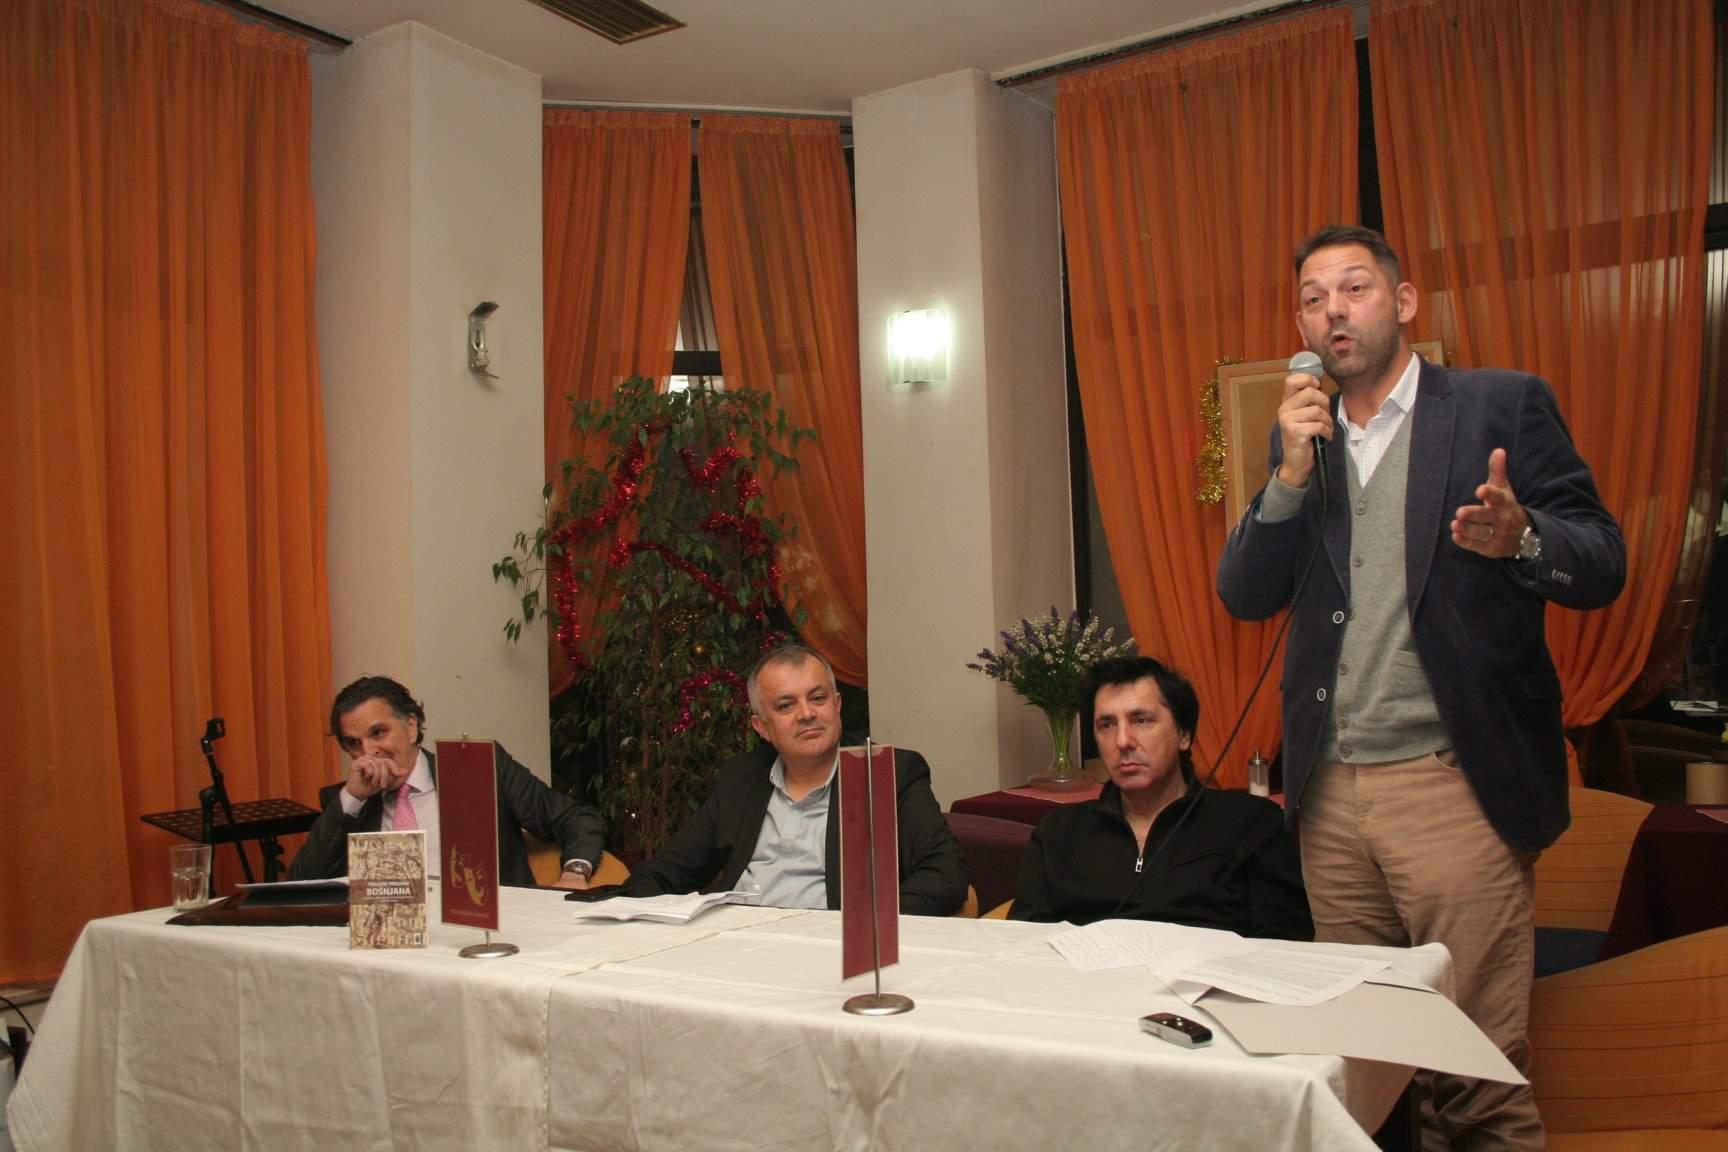 Promocija Mostar7.jpg - Mahmutćehajić, Lavić, Zubčević, Dizdarević: Kako razumijevati bosansku budućnost?